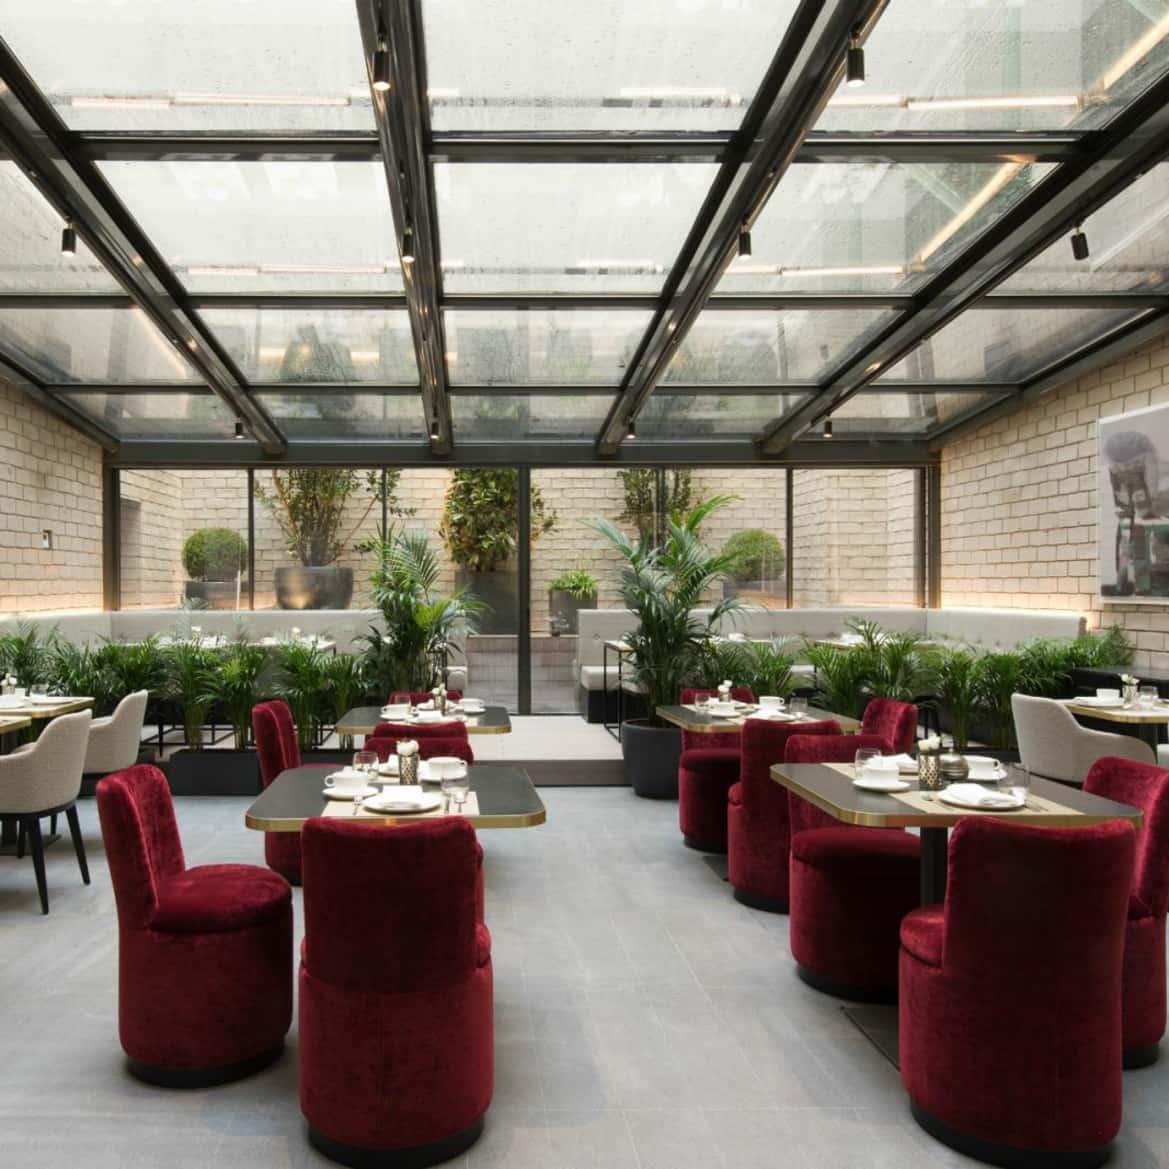 Salón de desayuno - The Pavilions Madrid